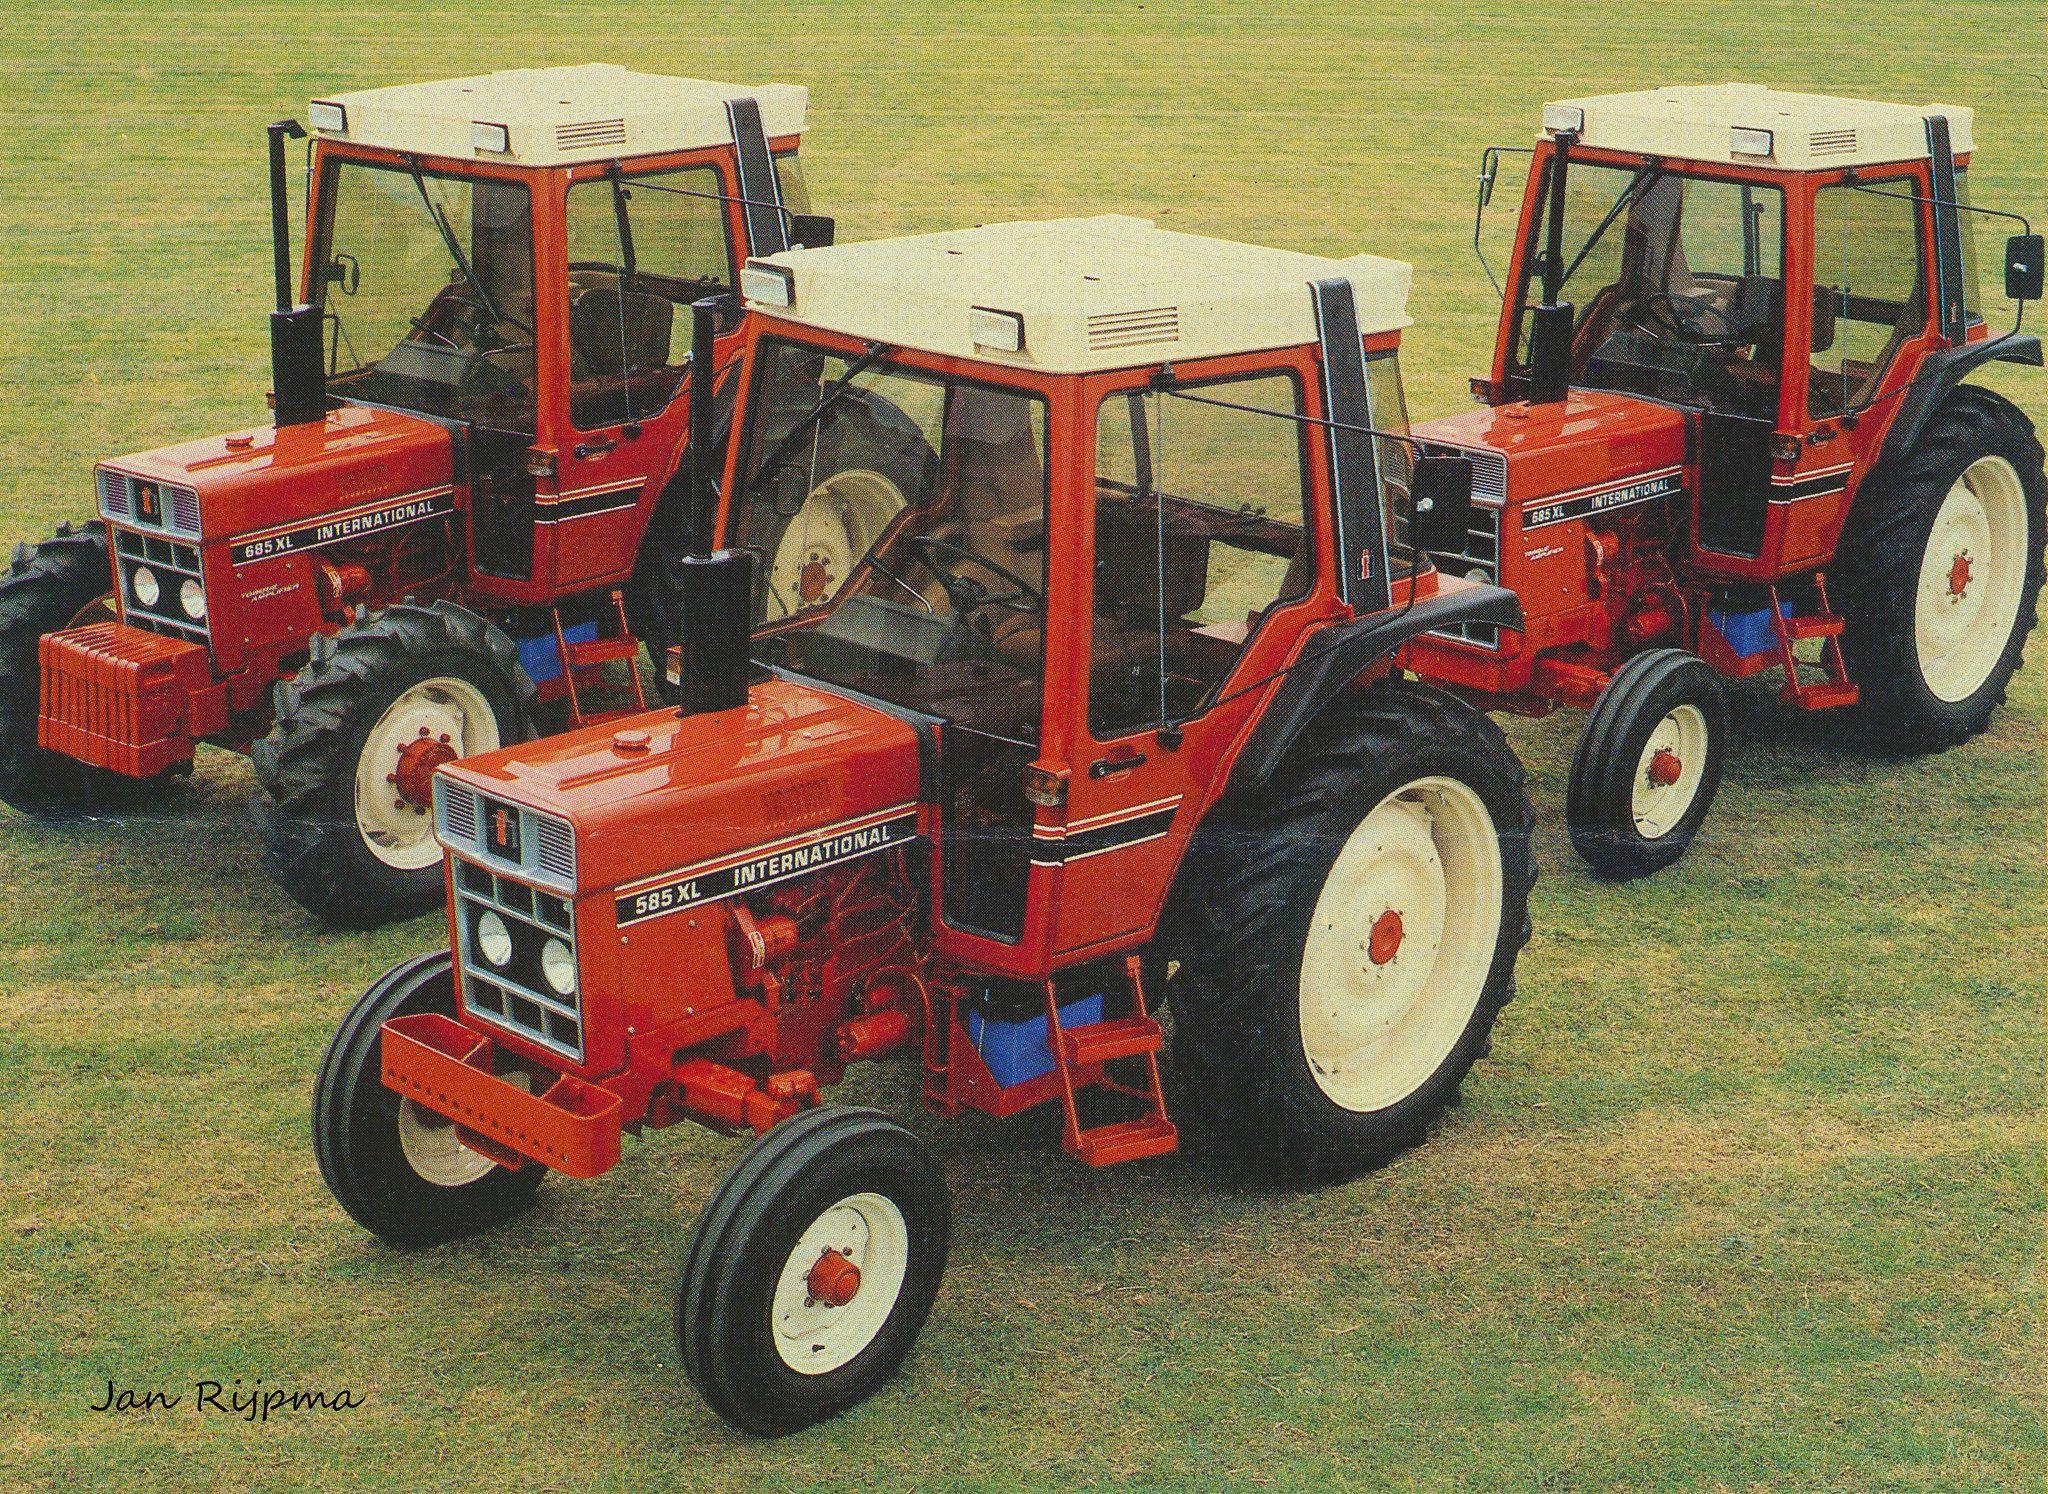 International 585 Xl En 2x 685 Xl International Tractors Classic Tractor Tractors